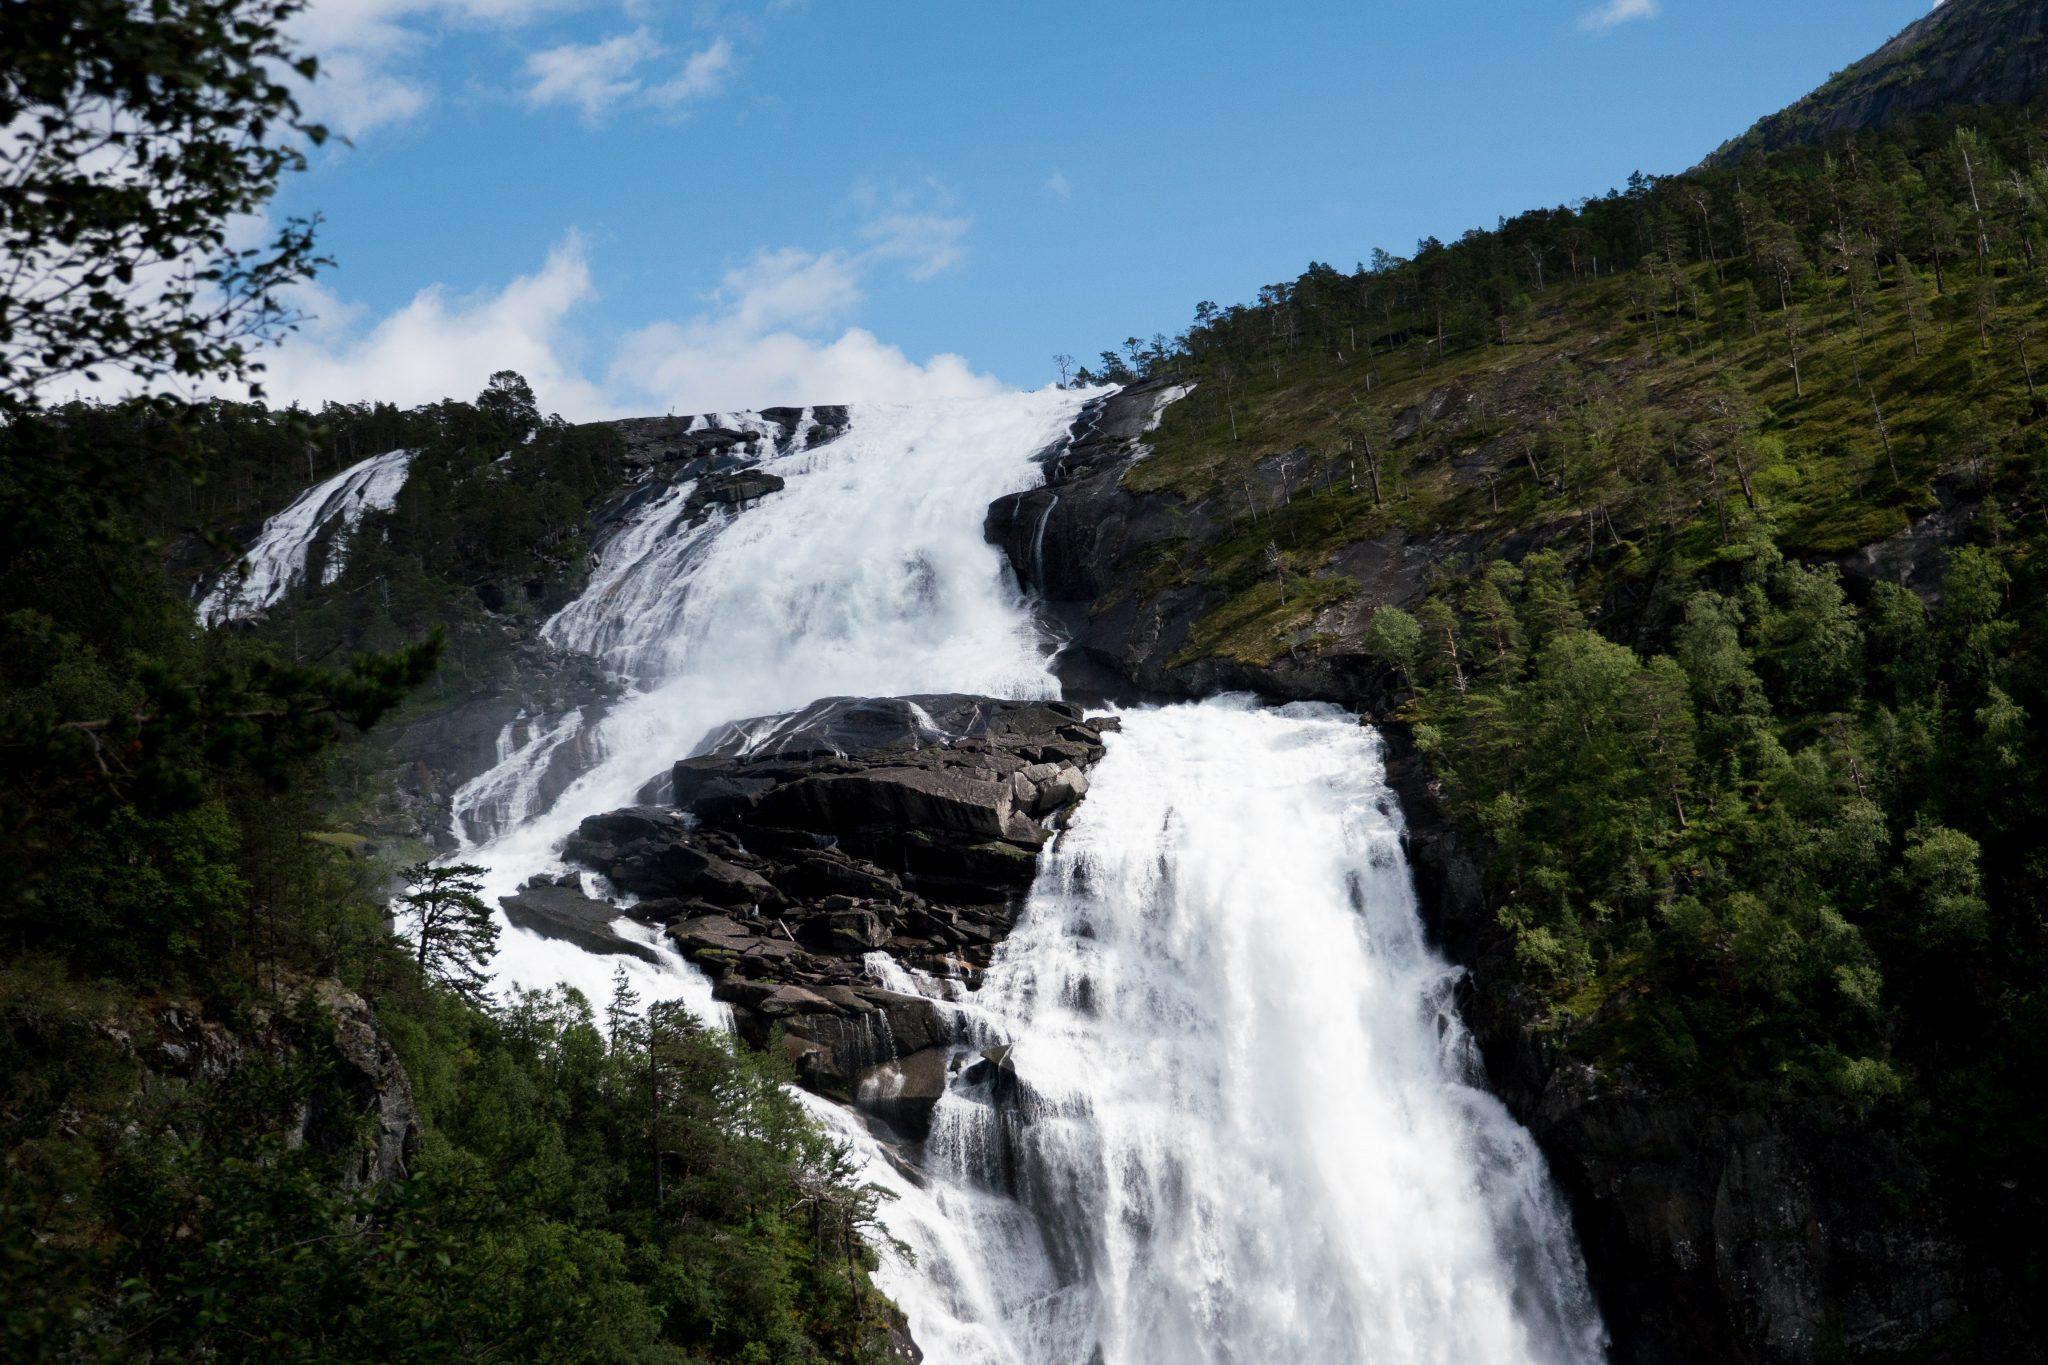 Bilde av fossfall for å illustrere vannkraft og kraftbransjen. Bildet er tatt av raimond-klavins-NnPw1o33b0E-unsplash